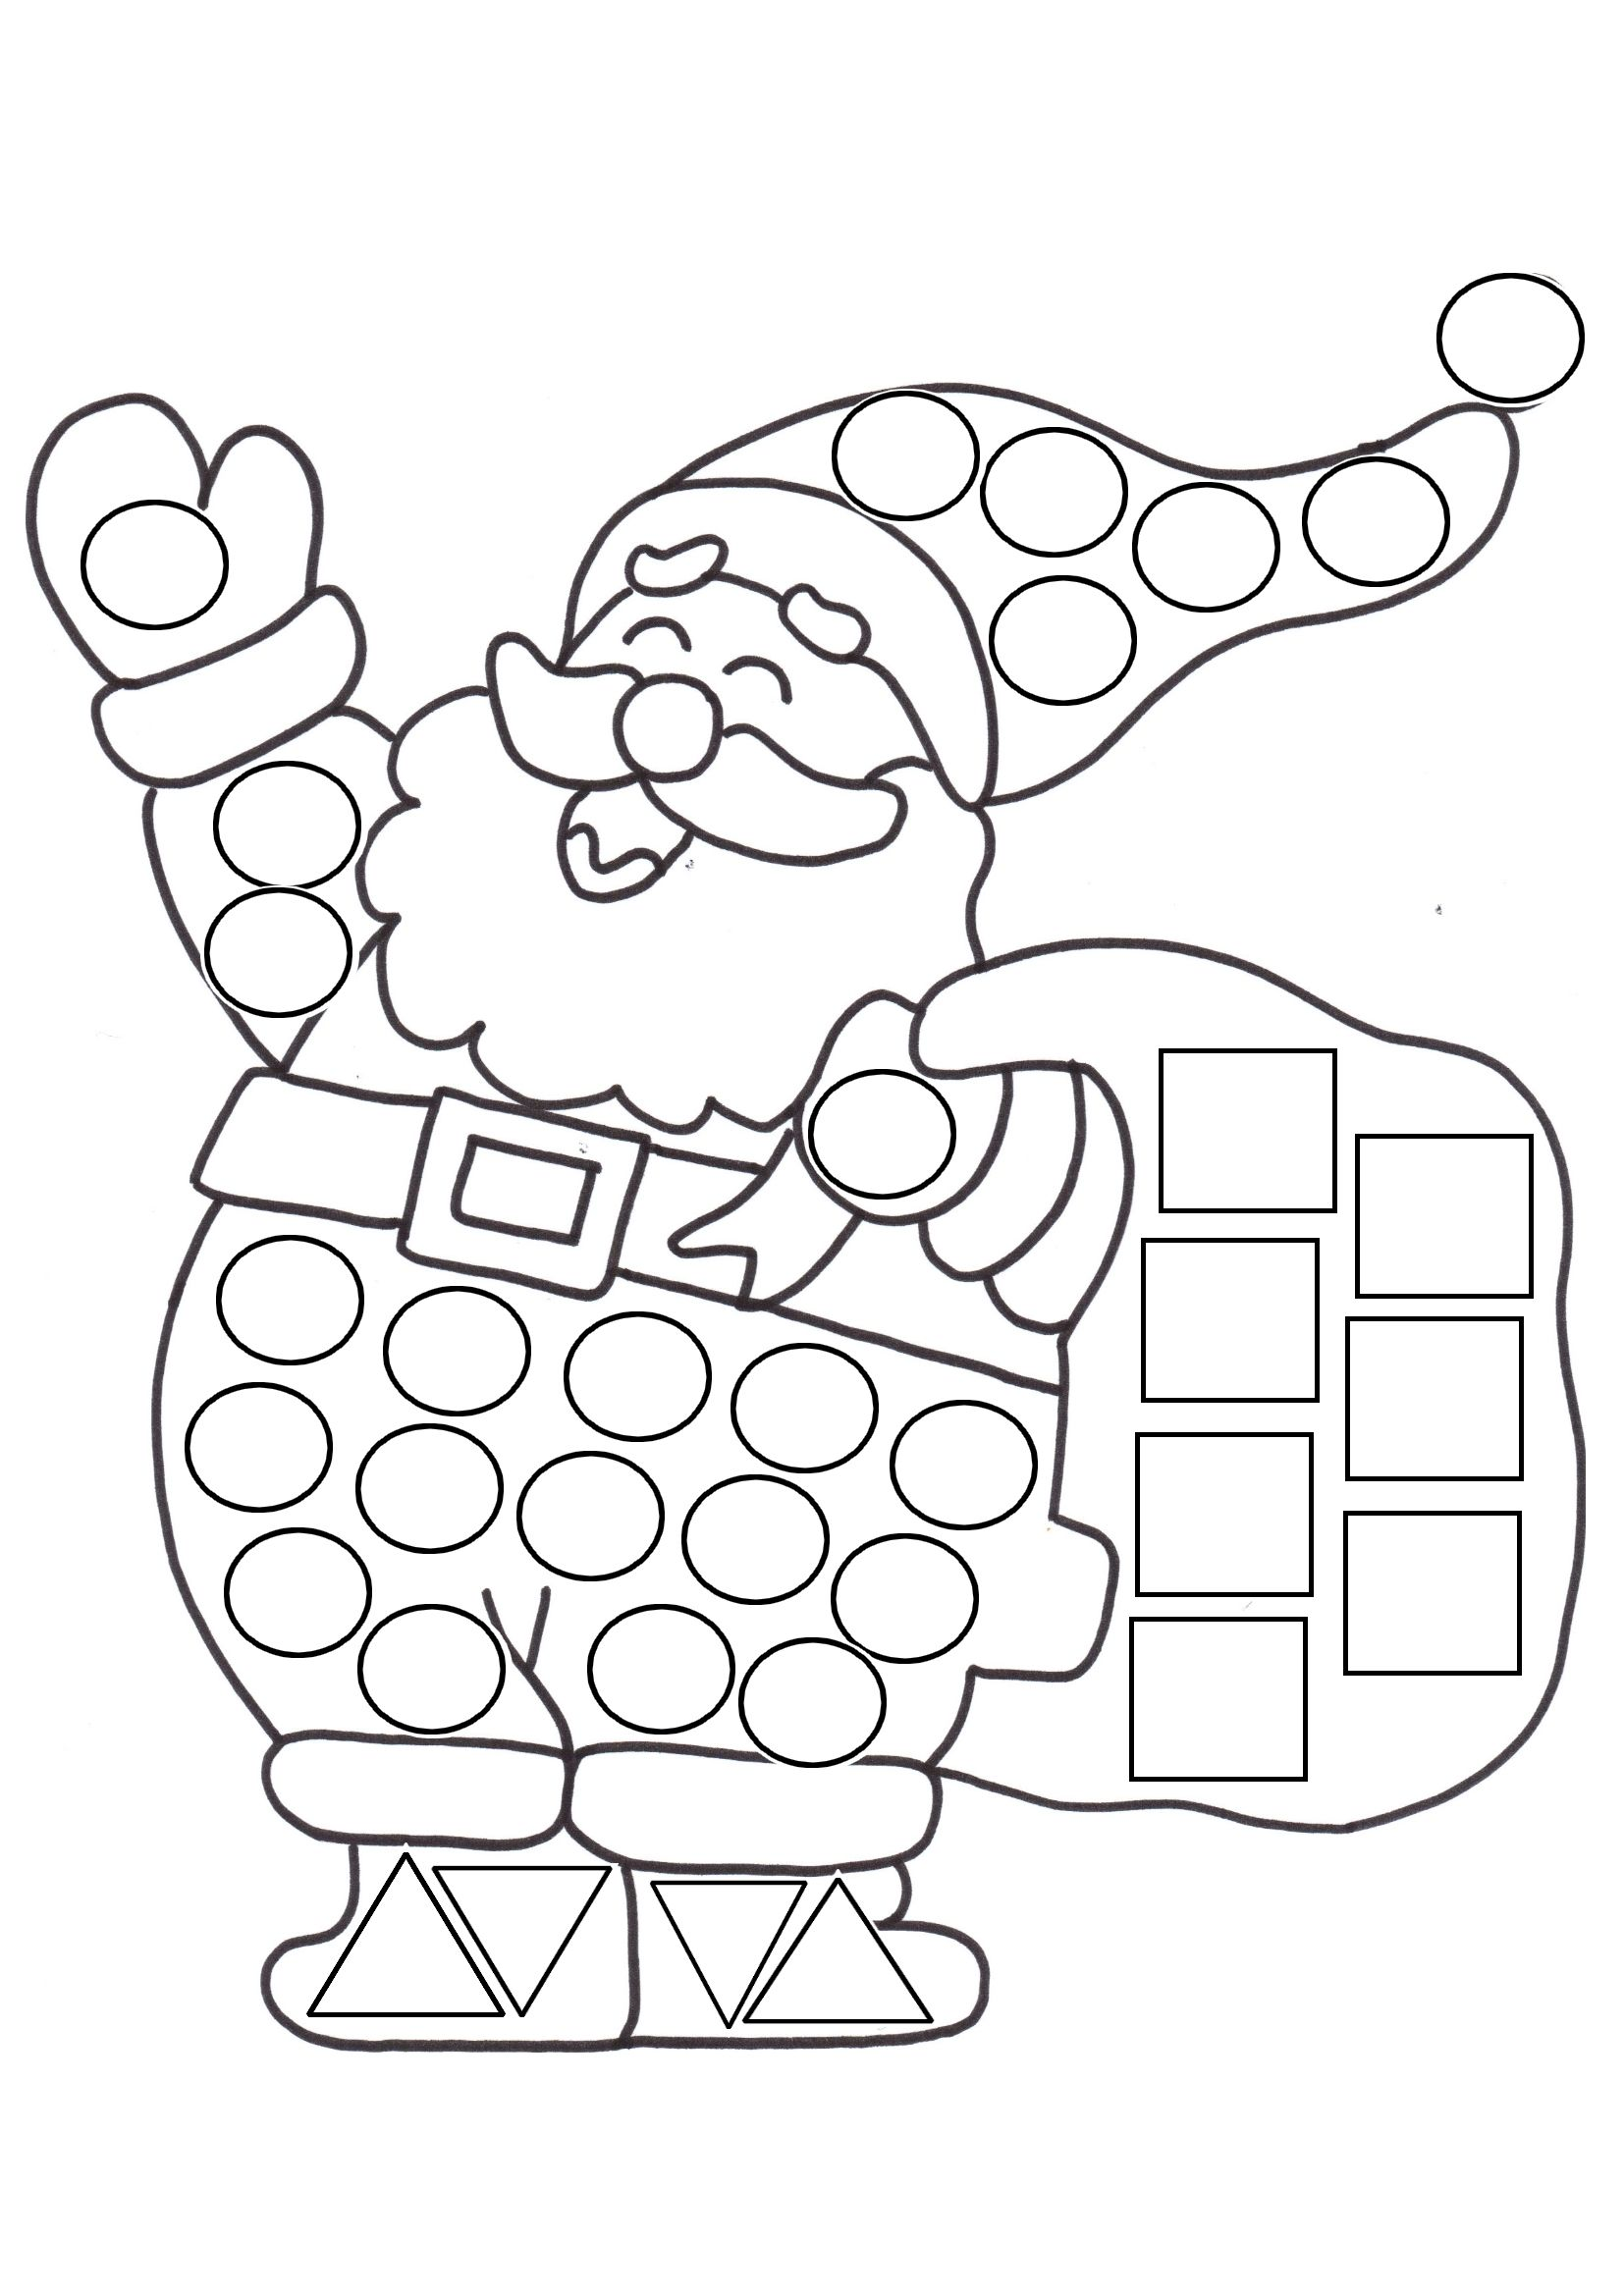 Dessin De Noel A Colorier Maternelle : p re noel en gomette ~ Pogadajmy.info Styles, Décorations et Voitures